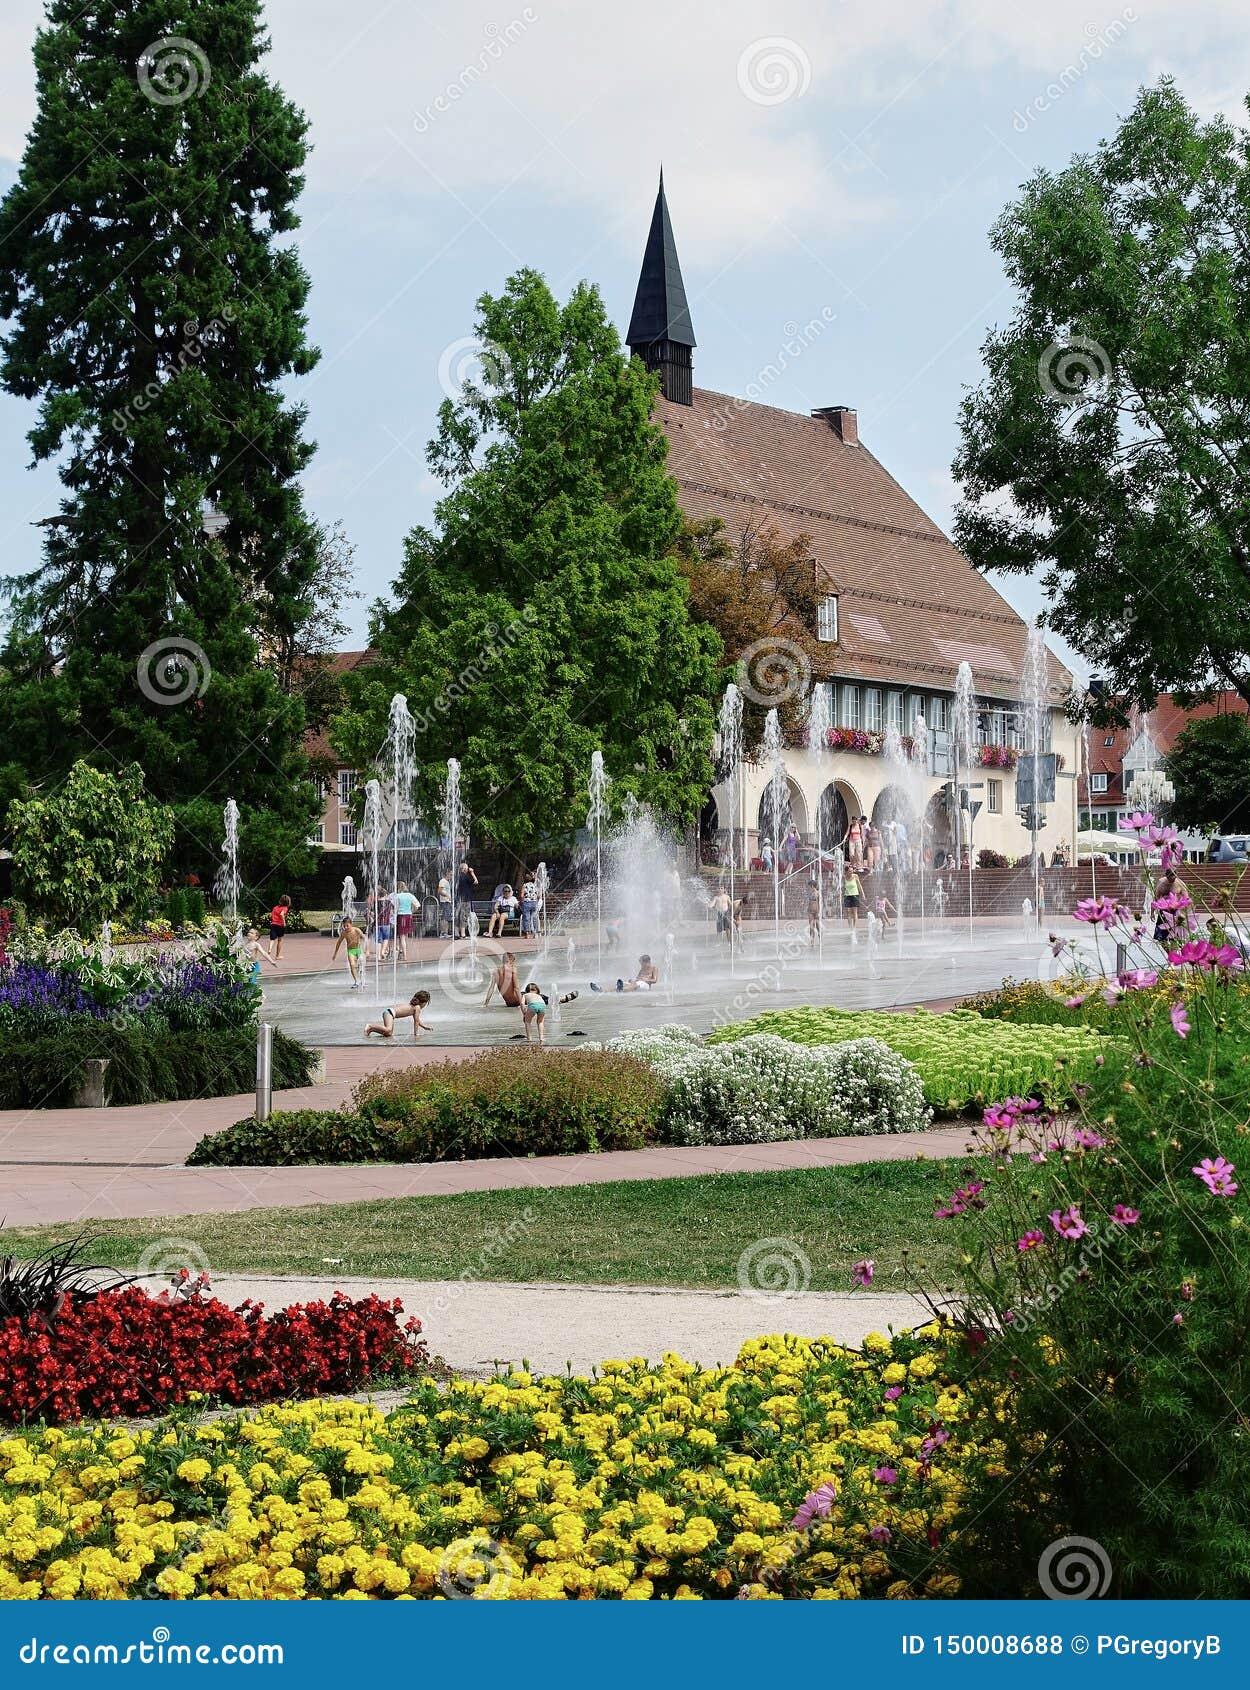 Garten, abkühlendes Pool und mittelalterliches Rathaus - Deutschland - Schwarzwald